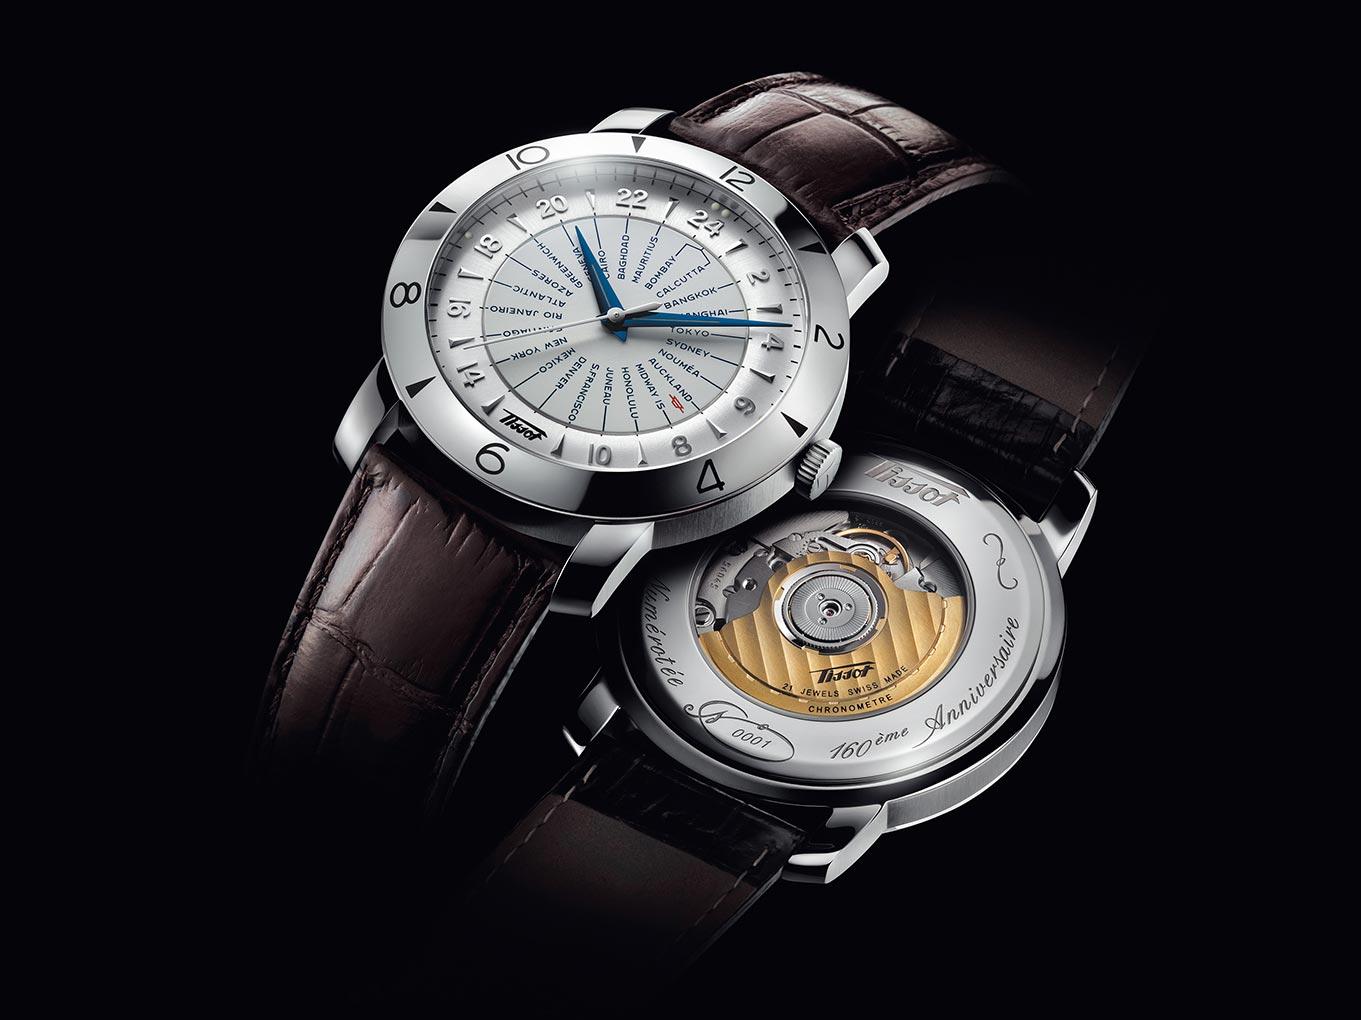 Đồng hồ Tissot với chức năng giờ thế giới